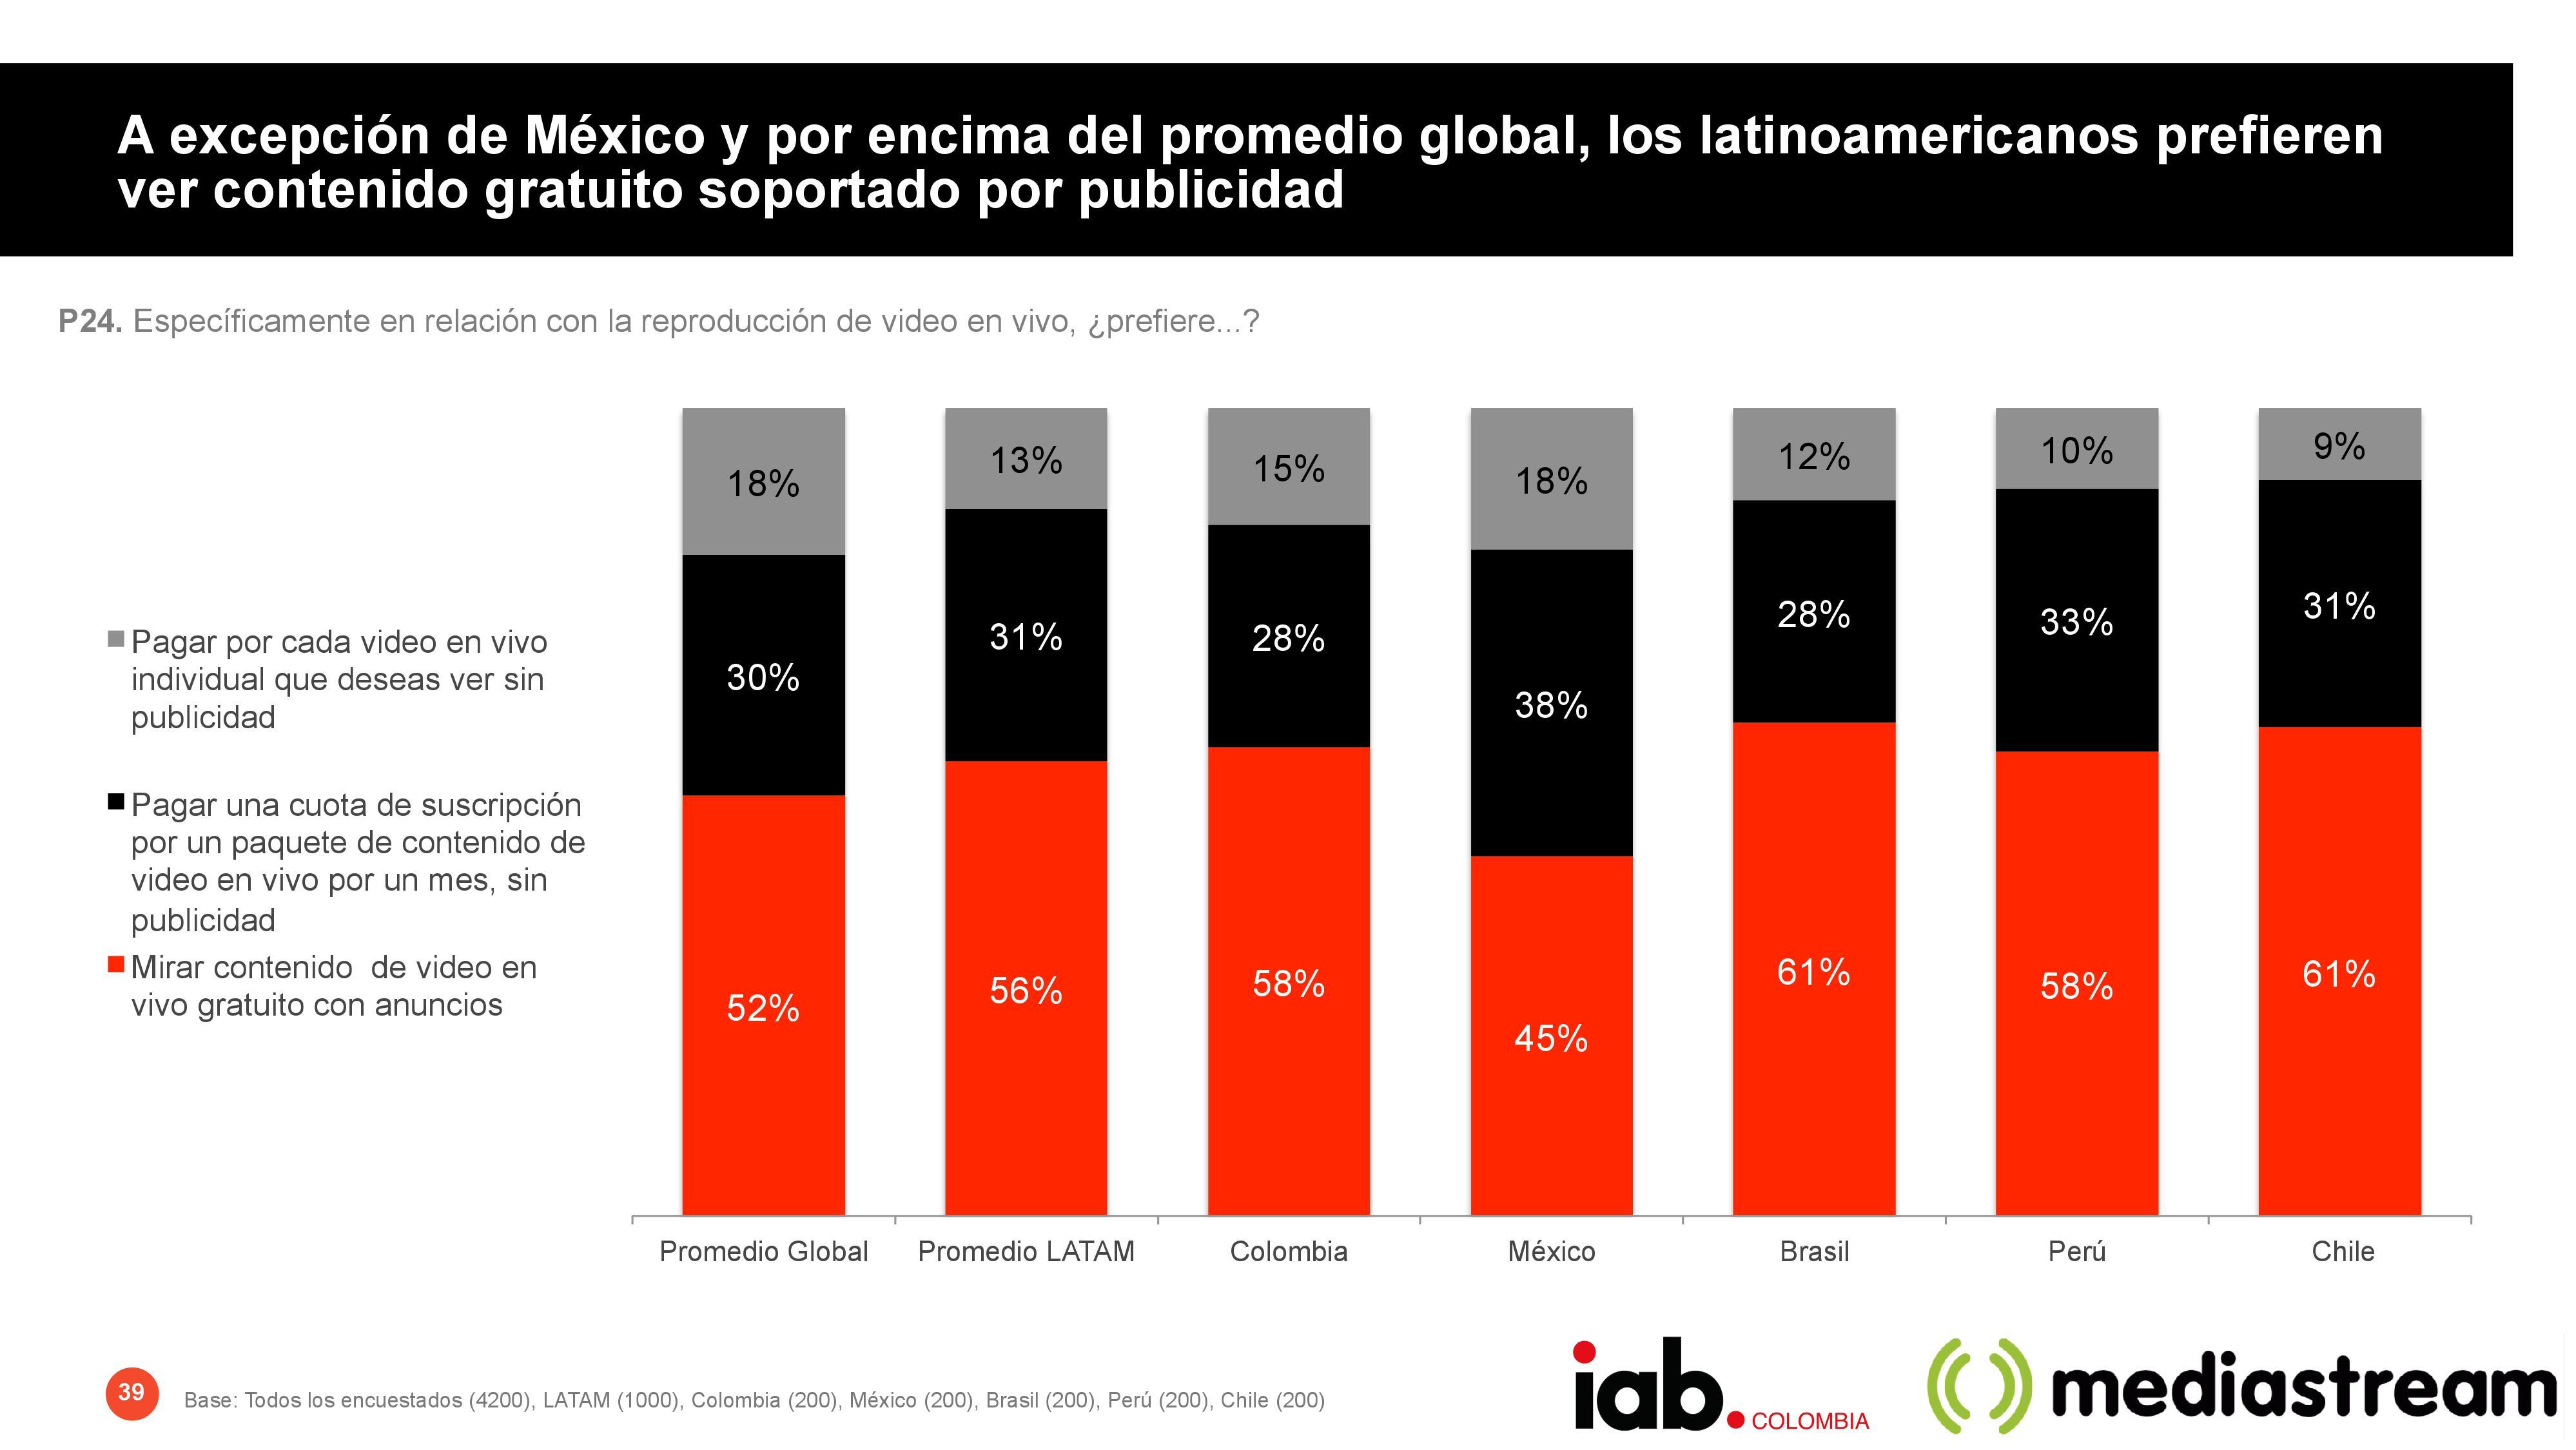 latinoamericanos prefieren ver contenido gratuito soportado por publicidad